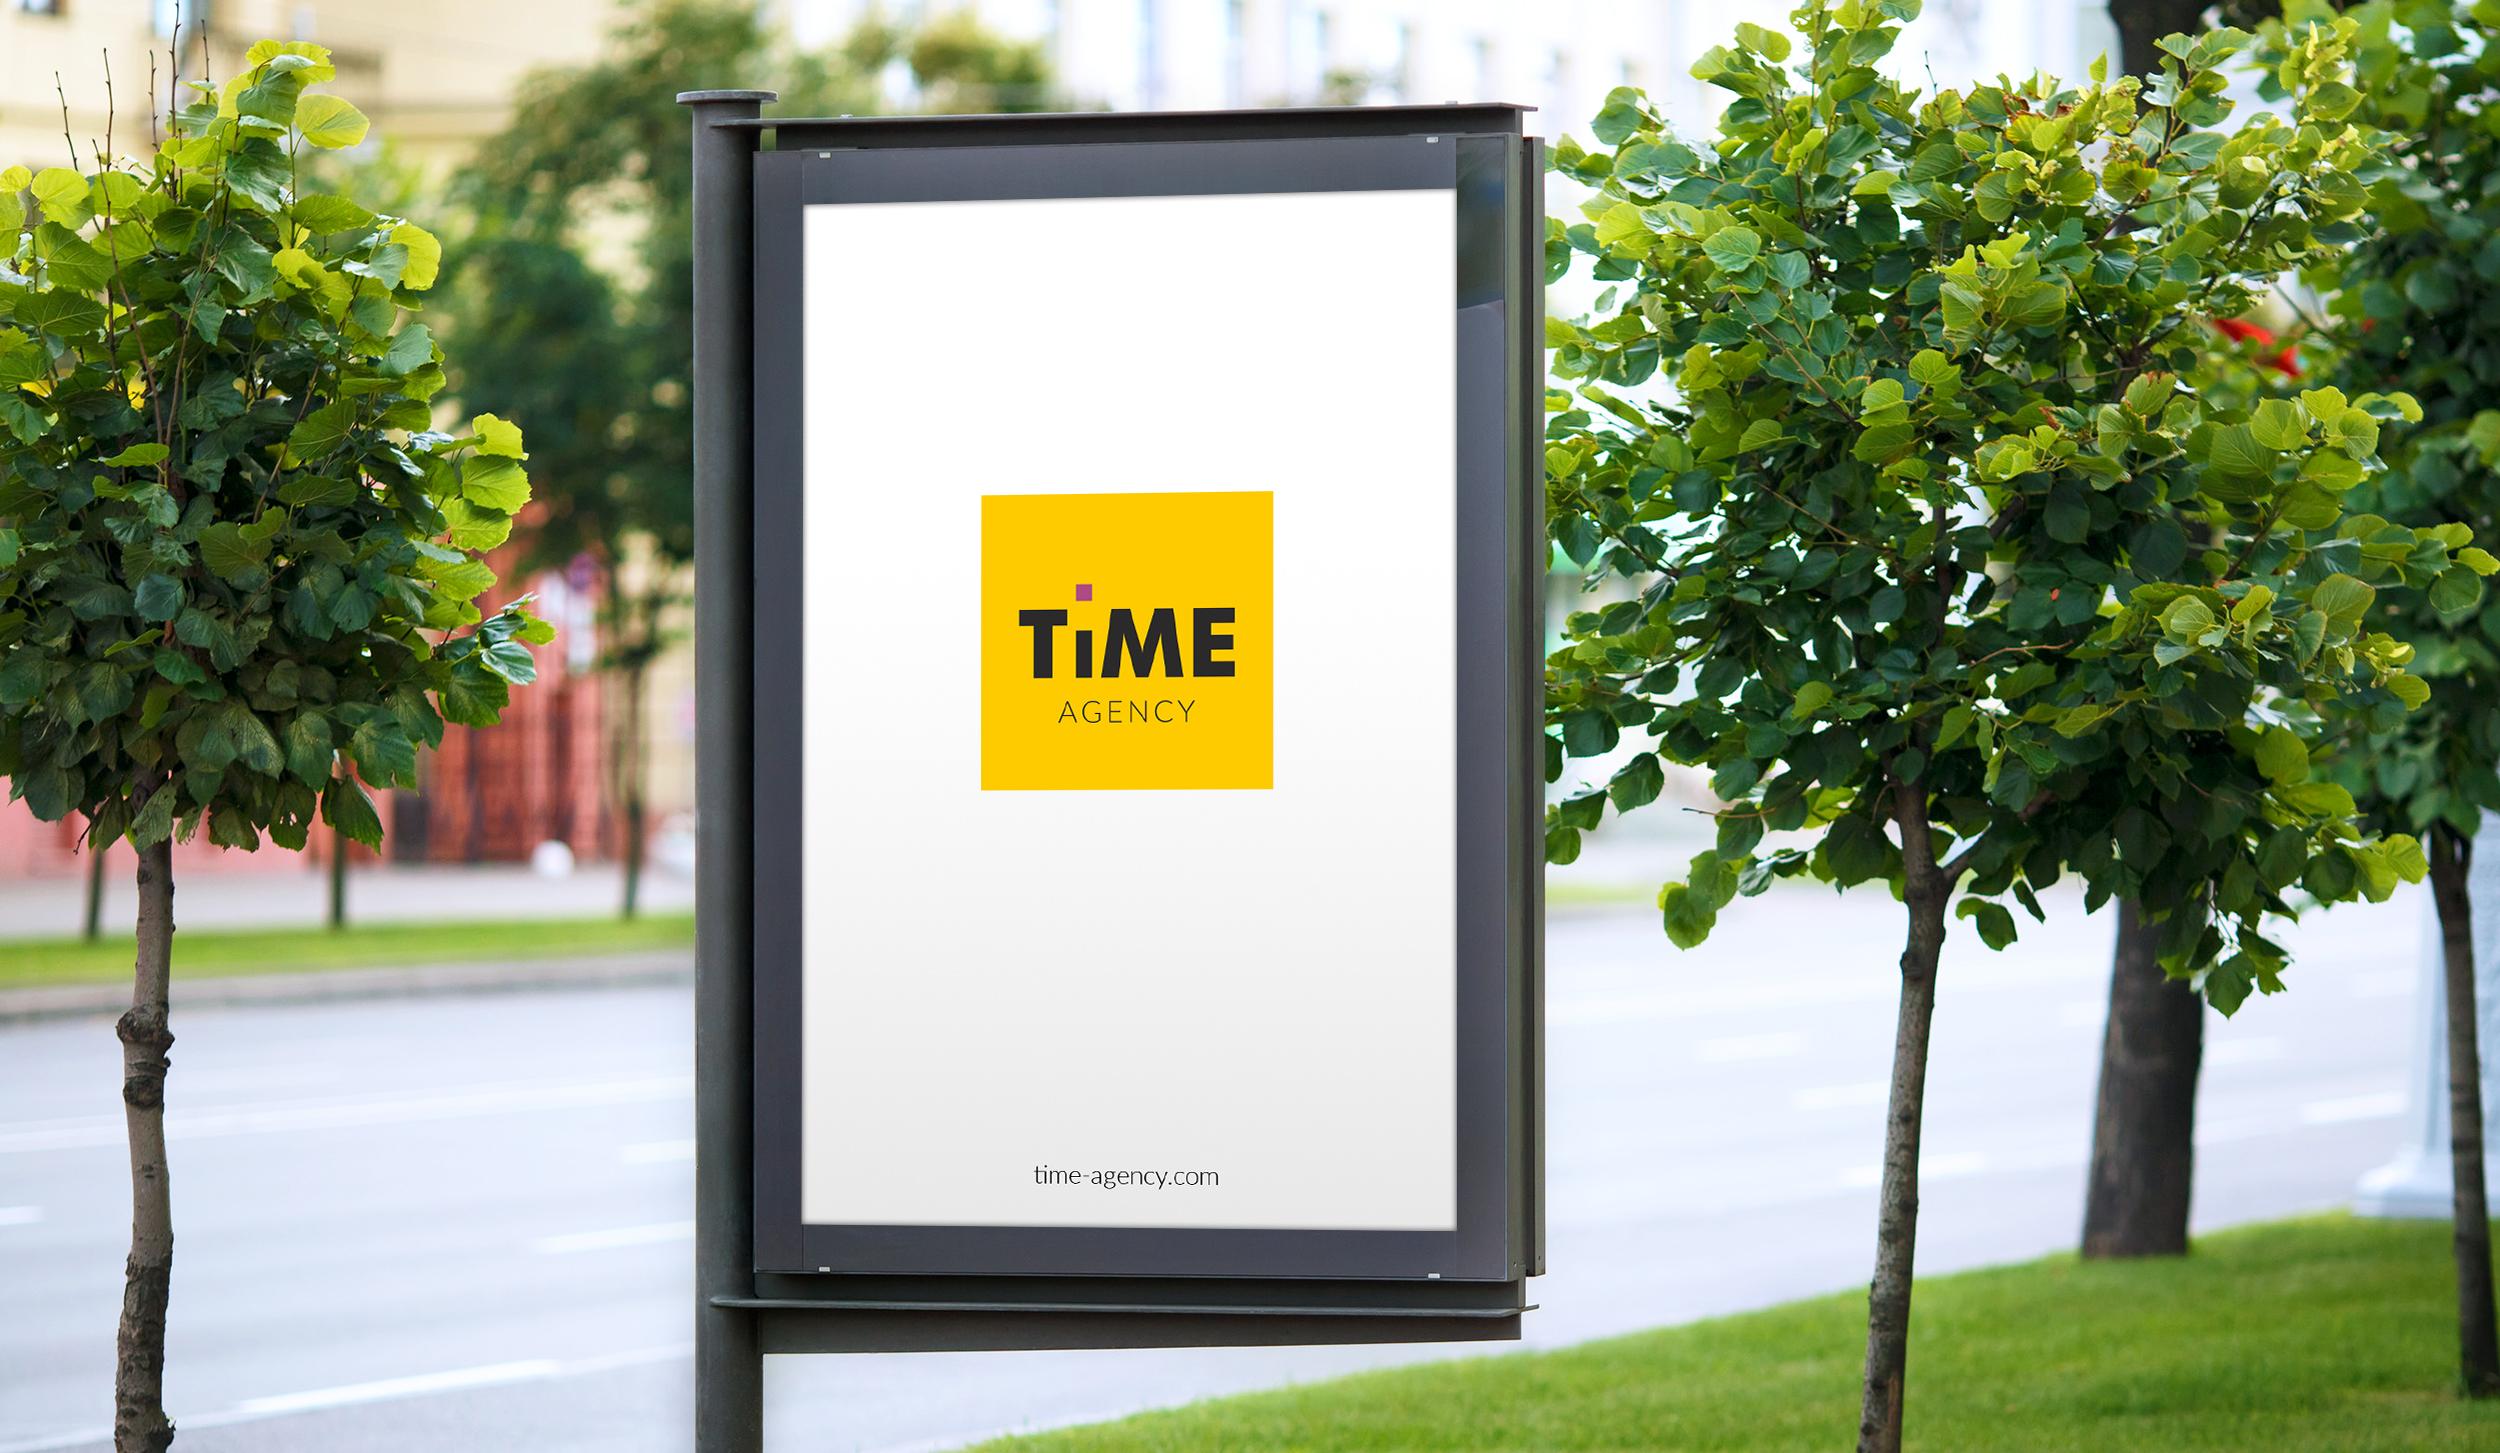 Time Agency per la scelta del giusto canale pubblicitario